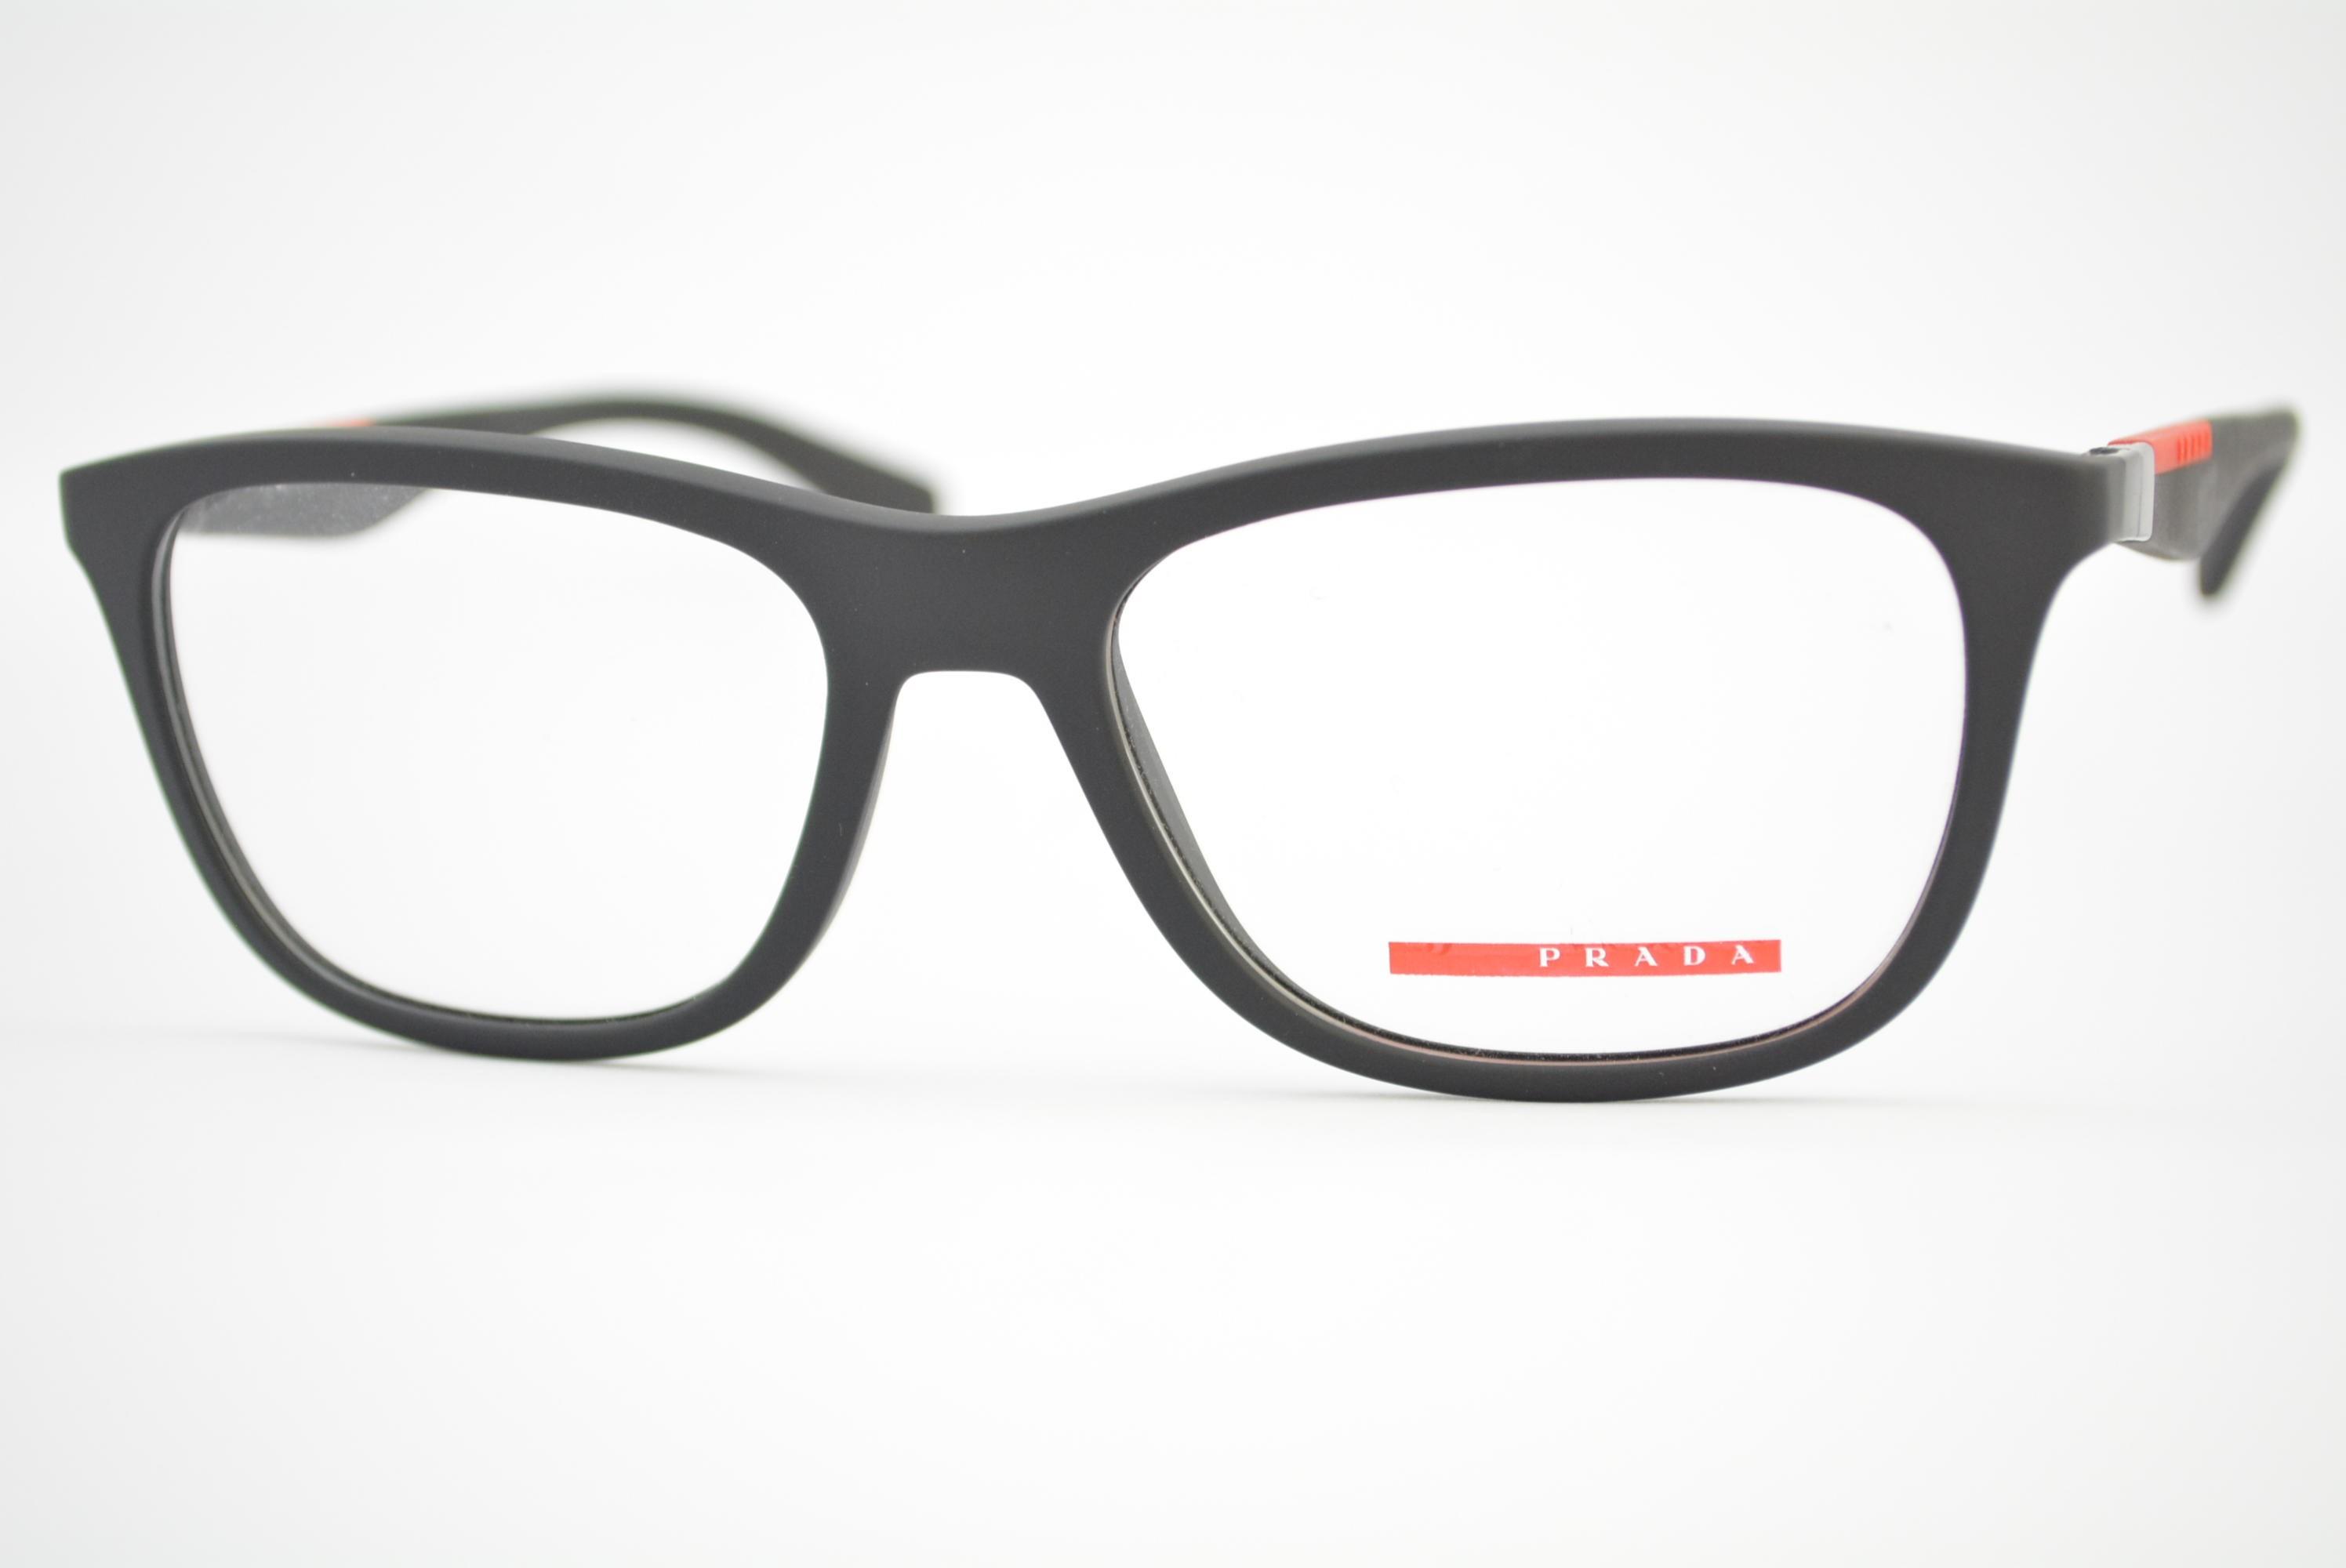 eb14a7fb9bf61 armação de óculos Prada Linea Rossa mod vps04F DG0-1O1 Ótica Cardoso